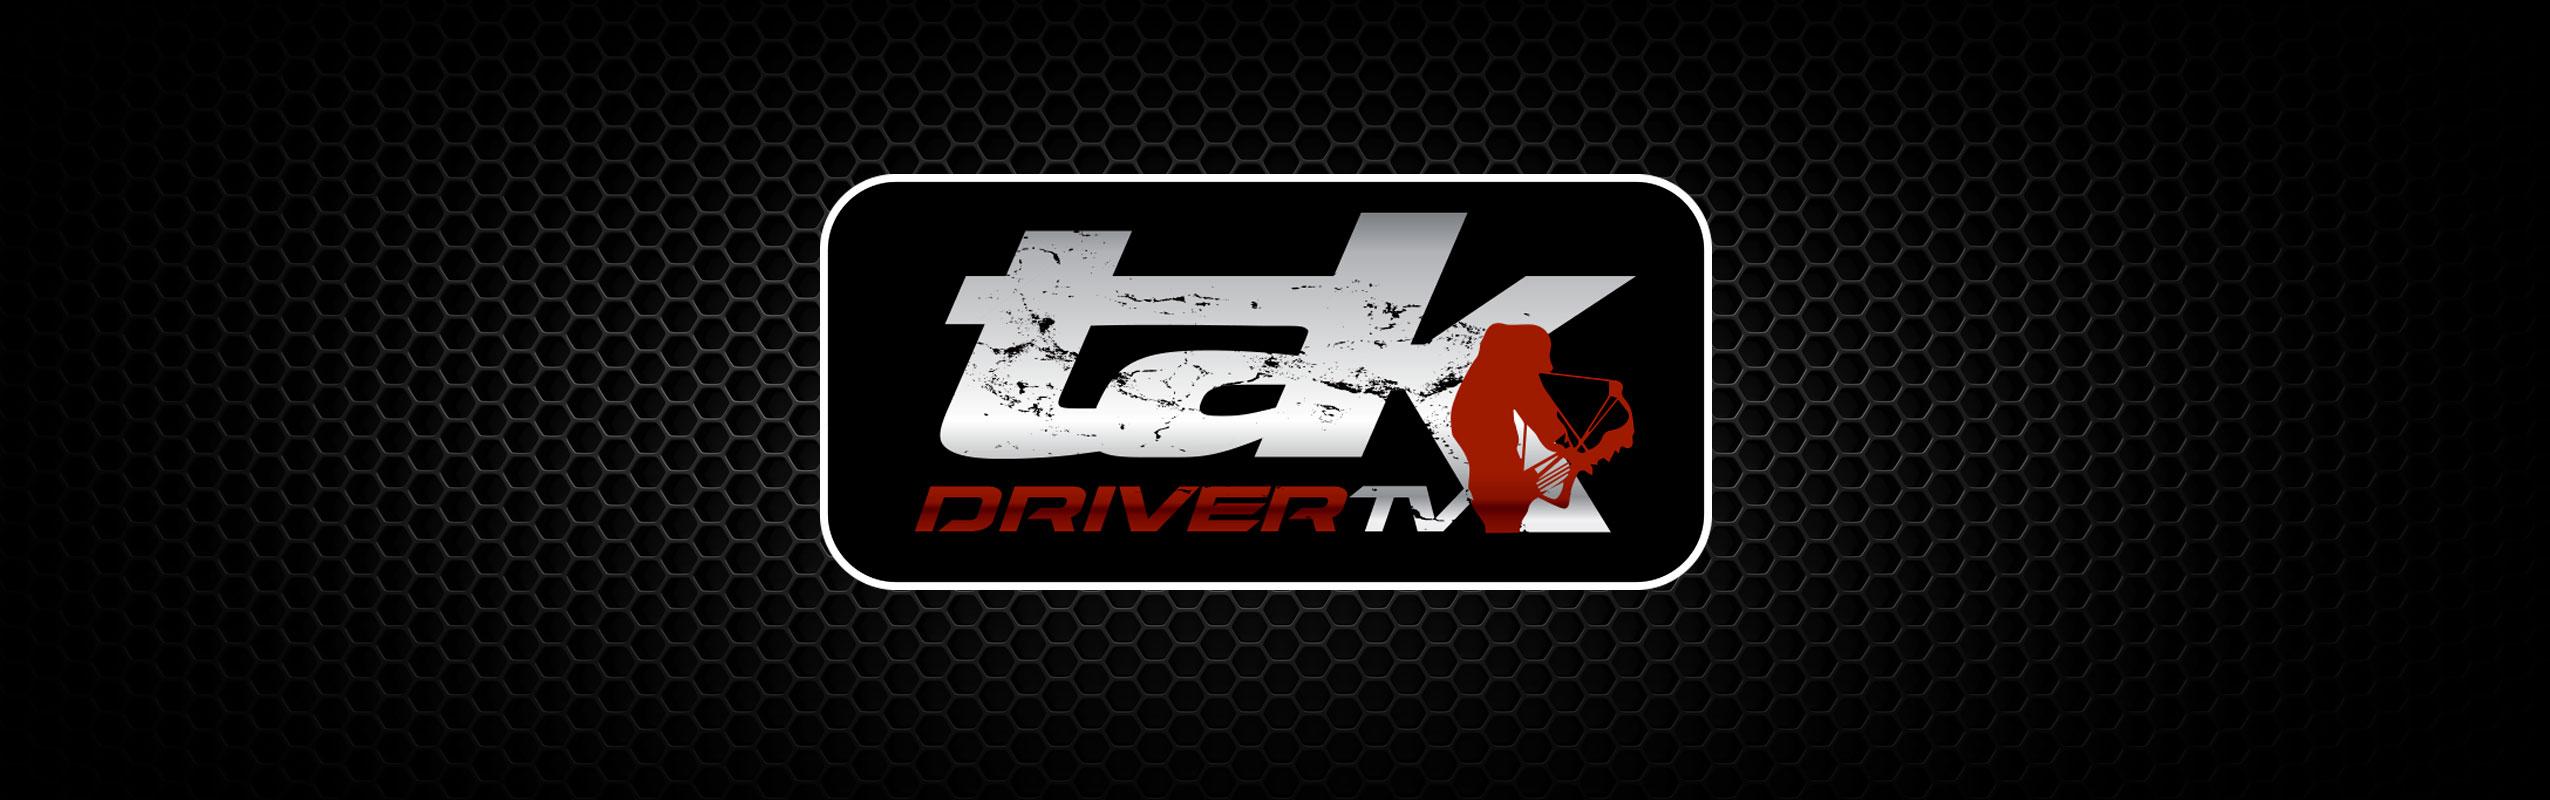 tak-driver2.jpg